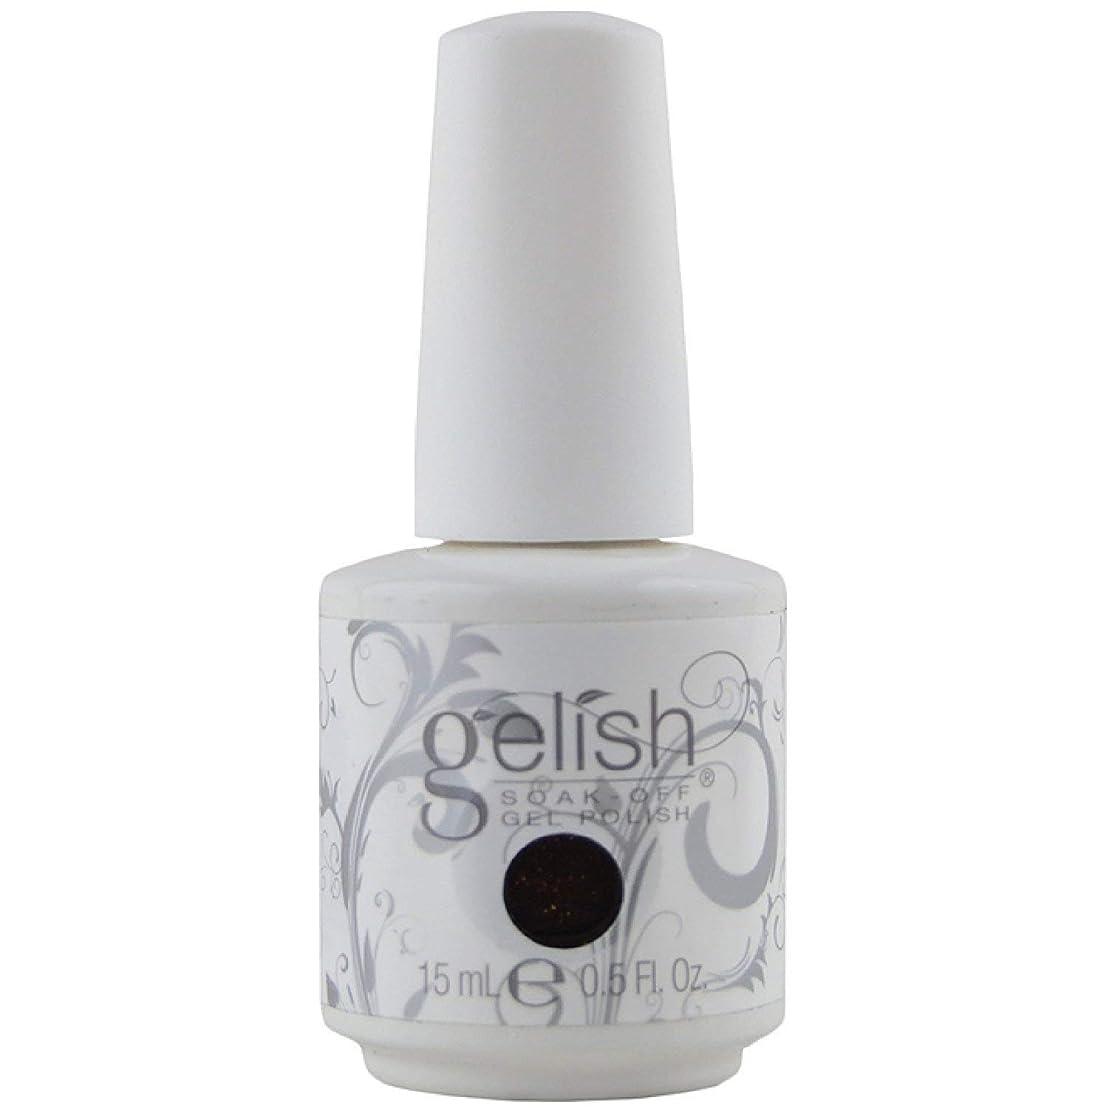 劇作家アサート洞察力のあるHarmony Gelish Gel Polish - Seal the Deal - 0.5oz/15ml